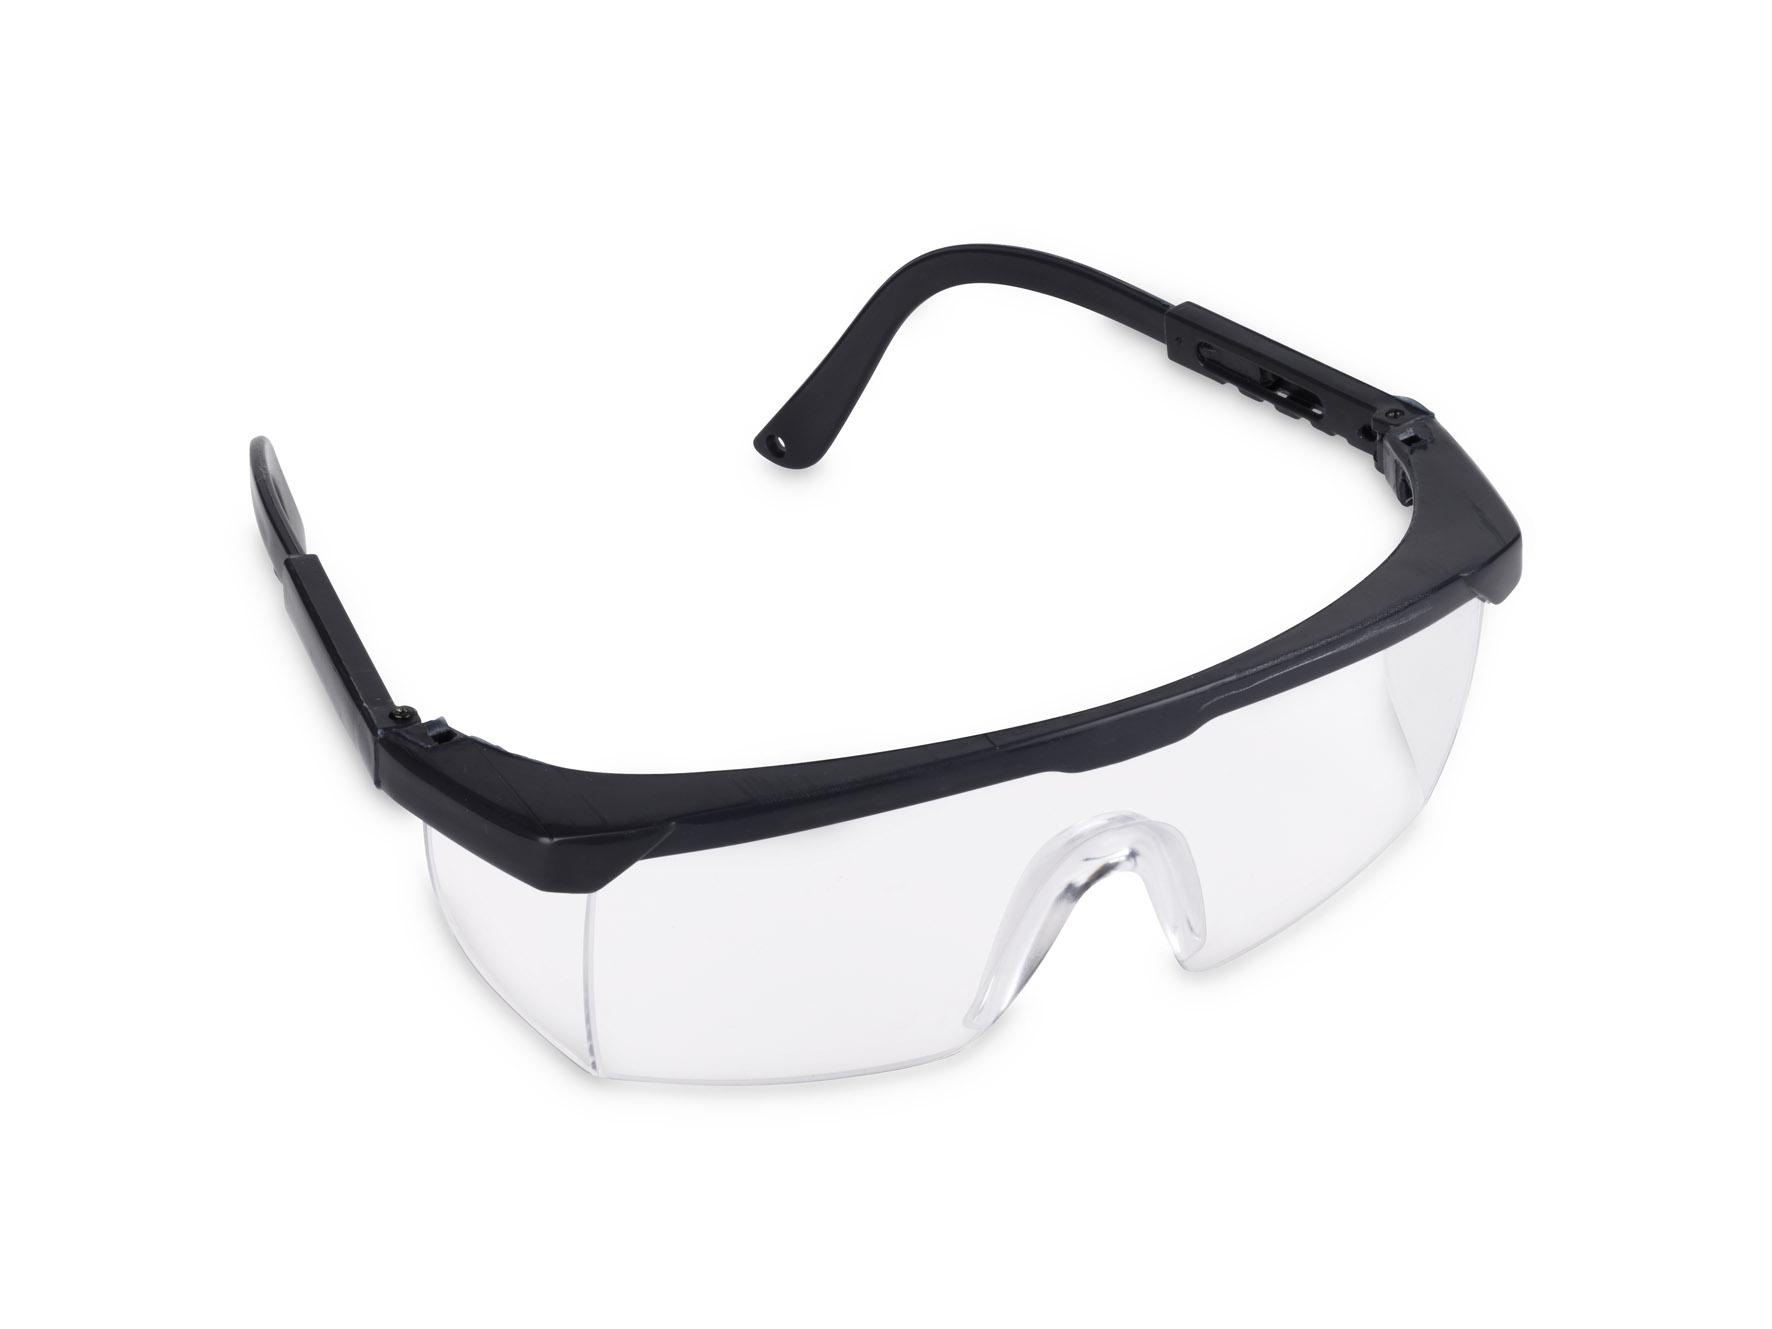 Beskyttelsesbriller, justerbar bøjle